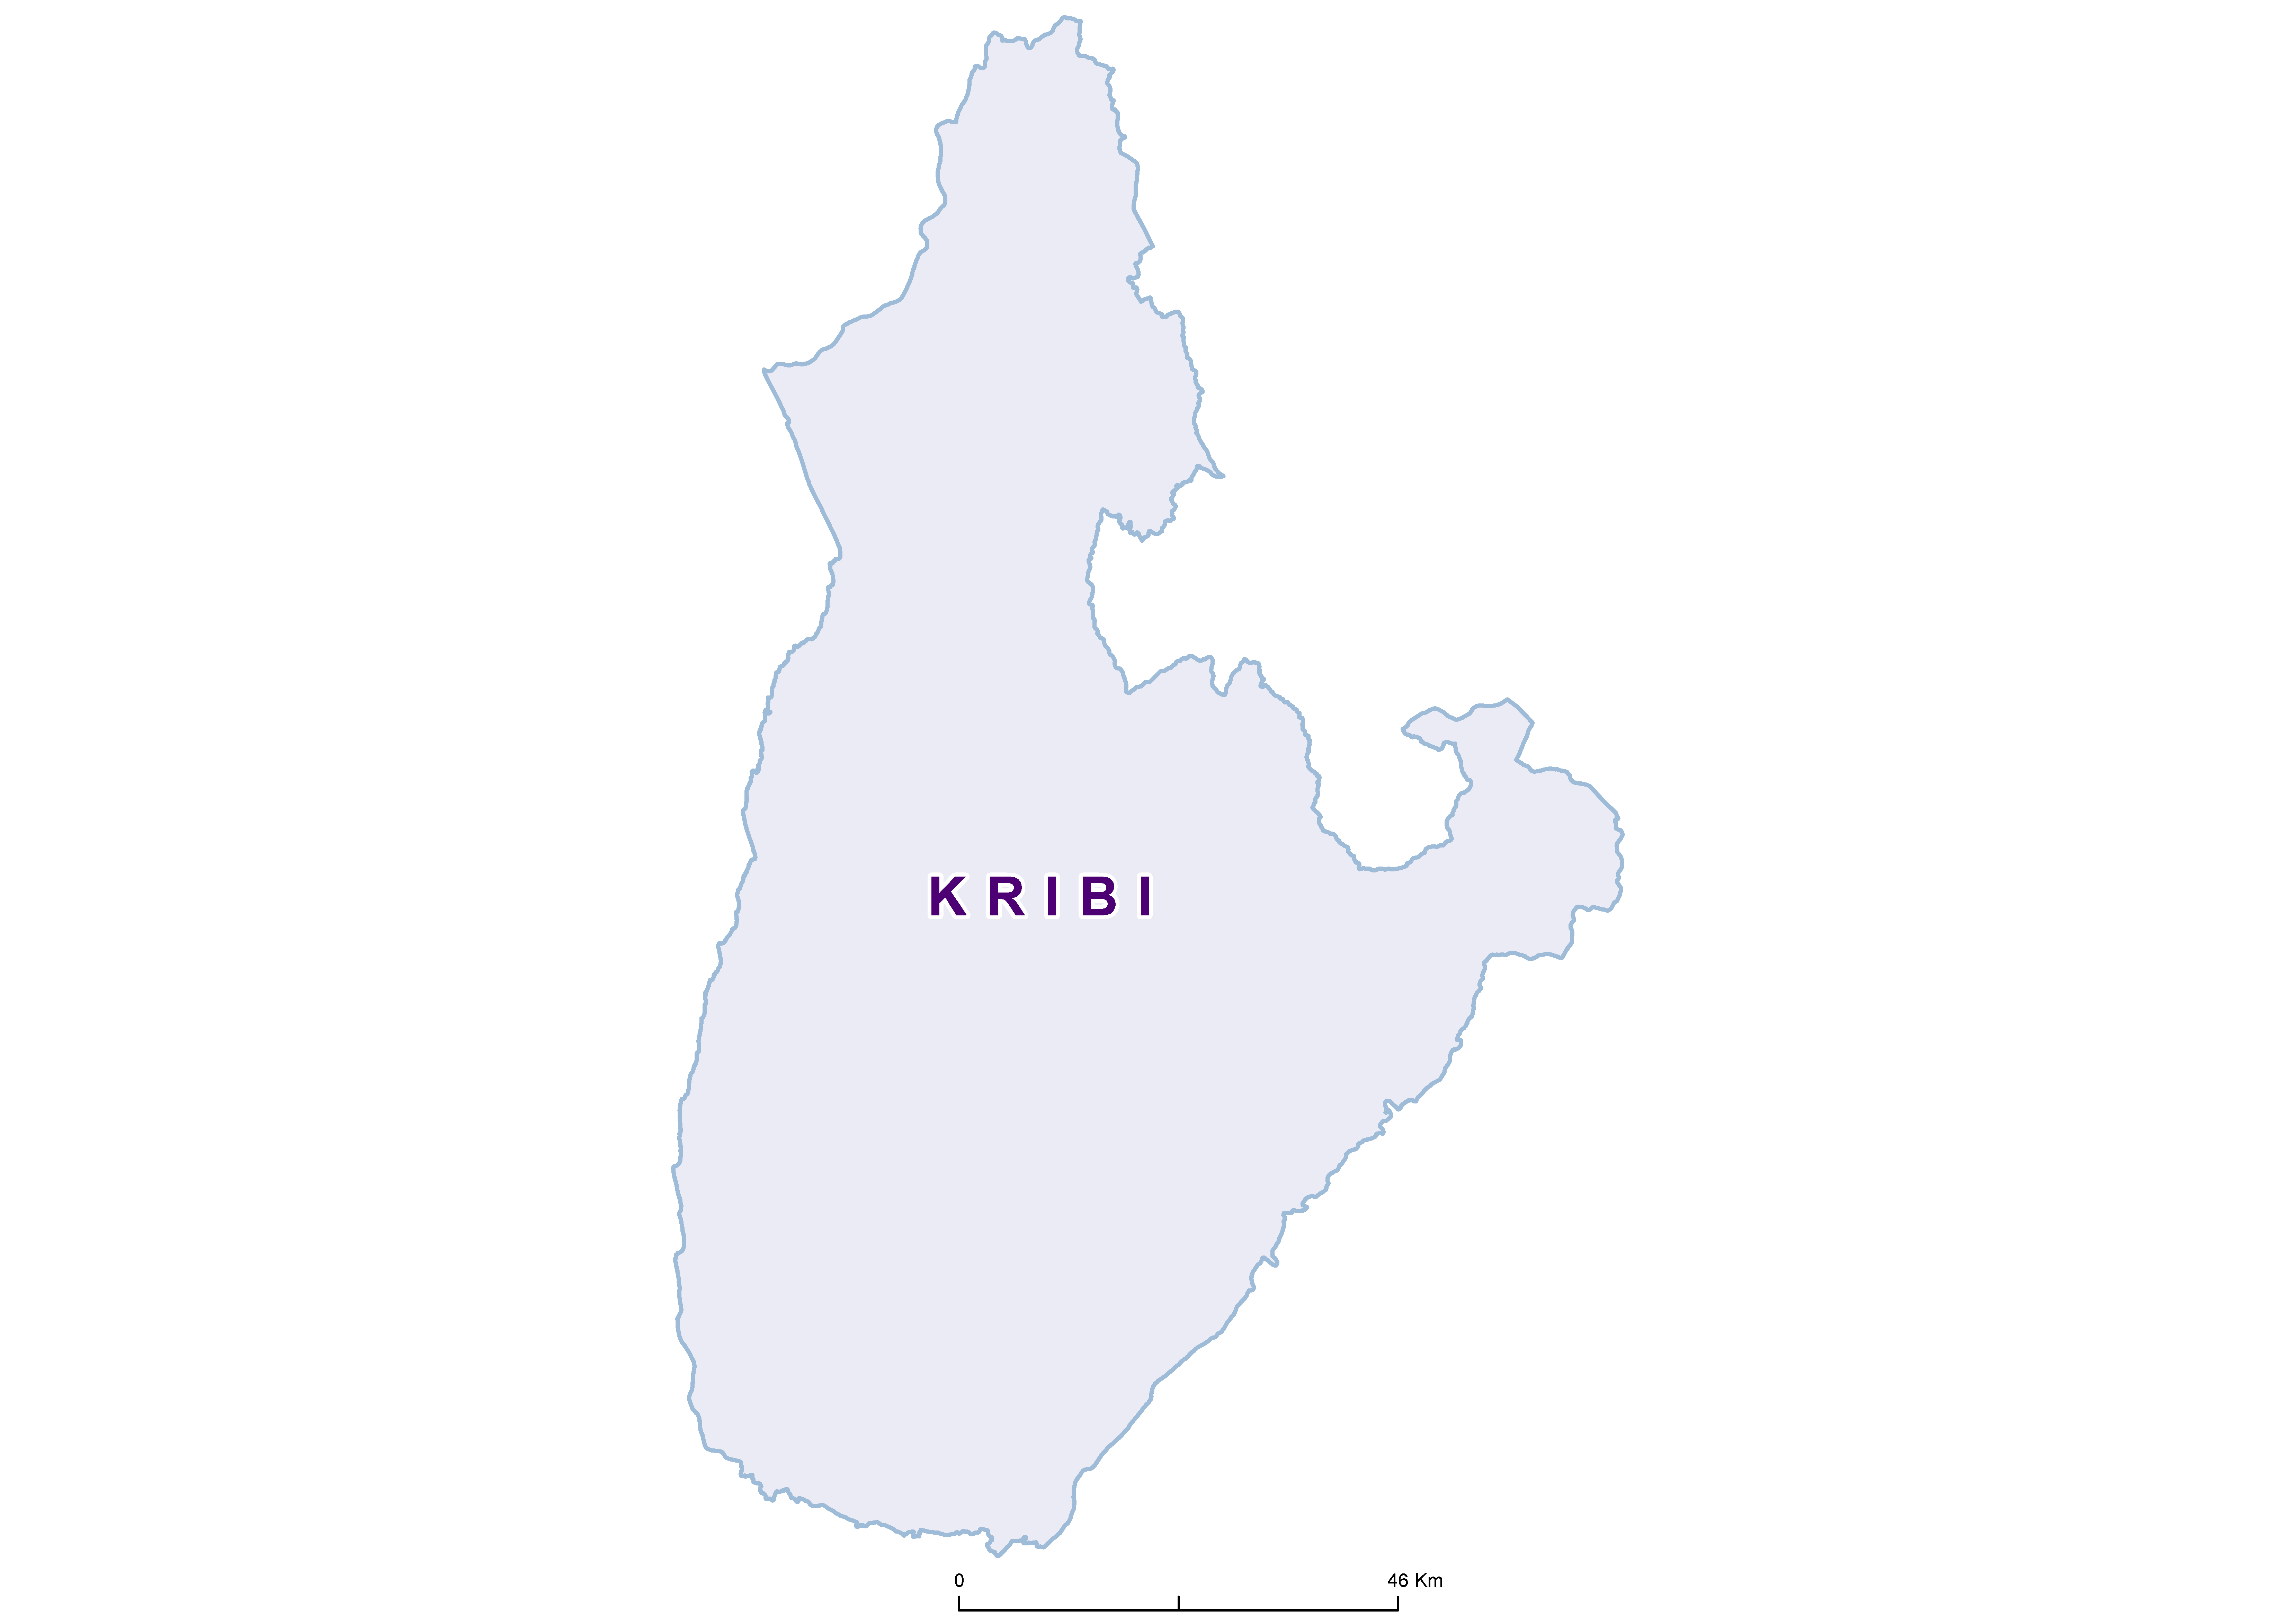 Kribi Mean SCH 20180001